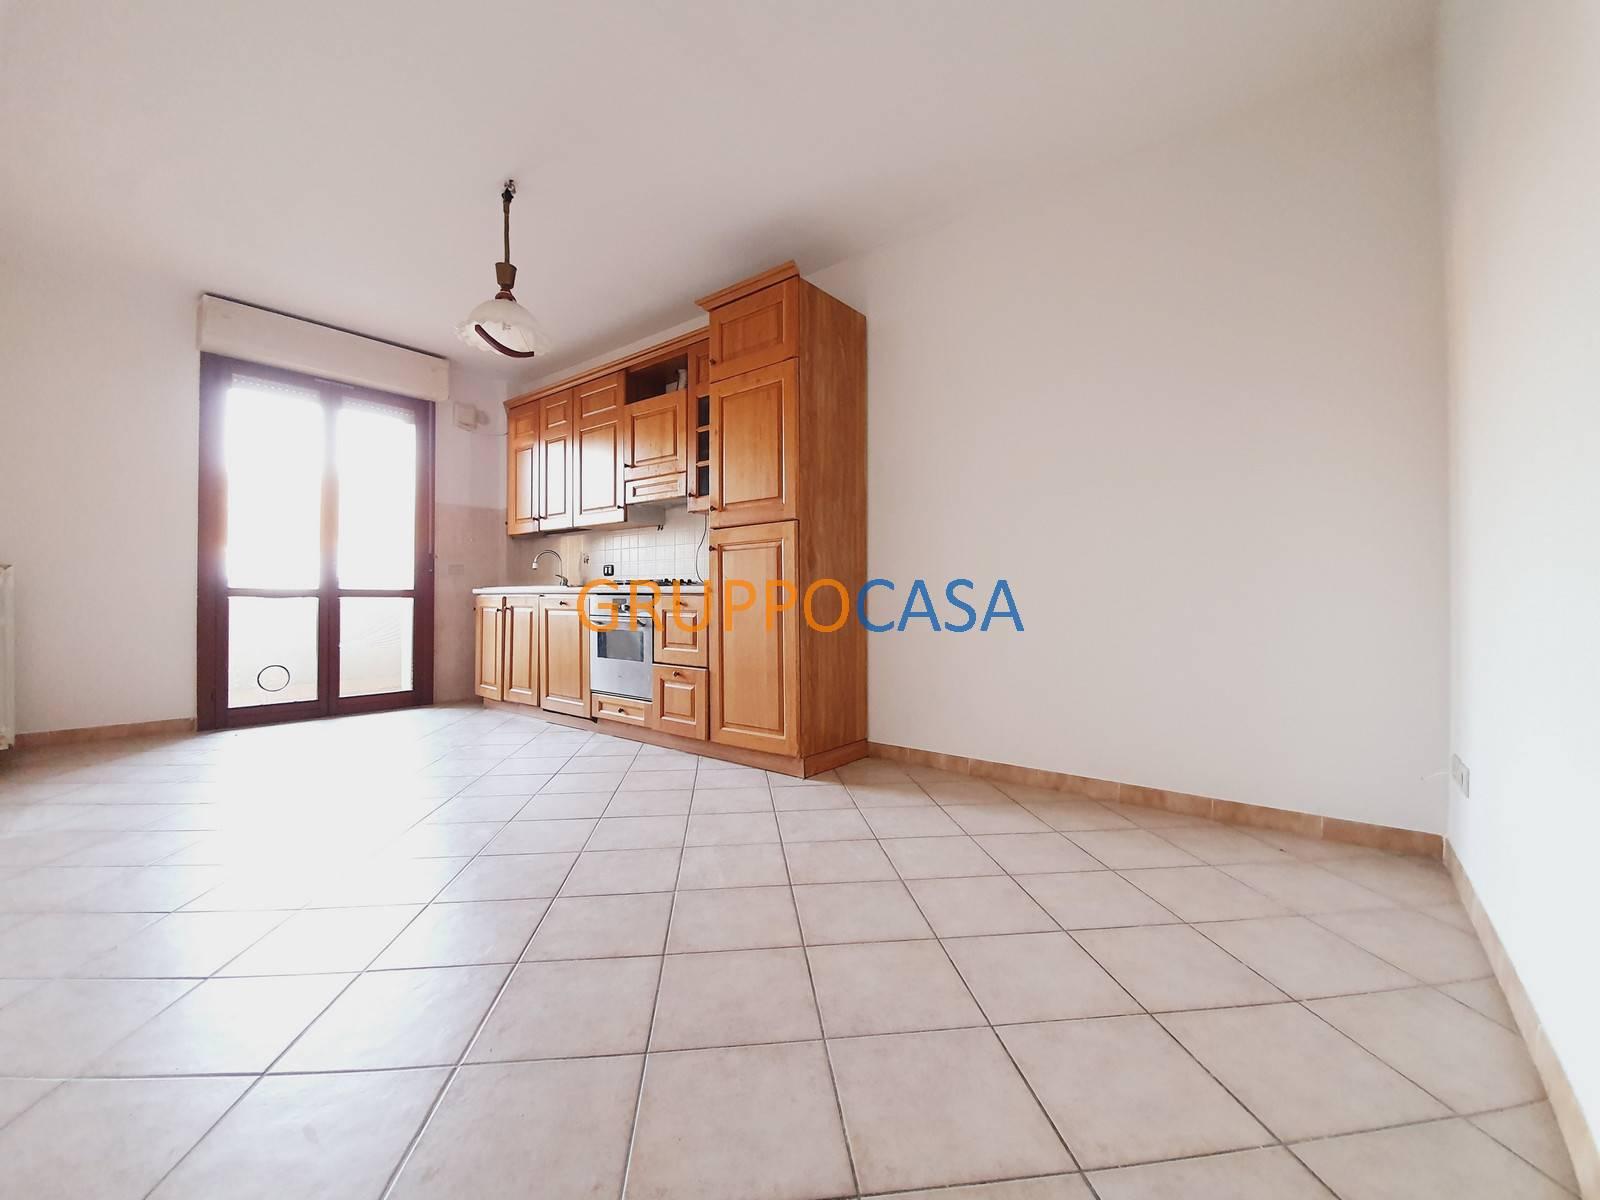 Appartamento in vendita a Pescia, 3 locali, zona Zona: Castellare, prezzo € 73.000 | CambioCasa.it